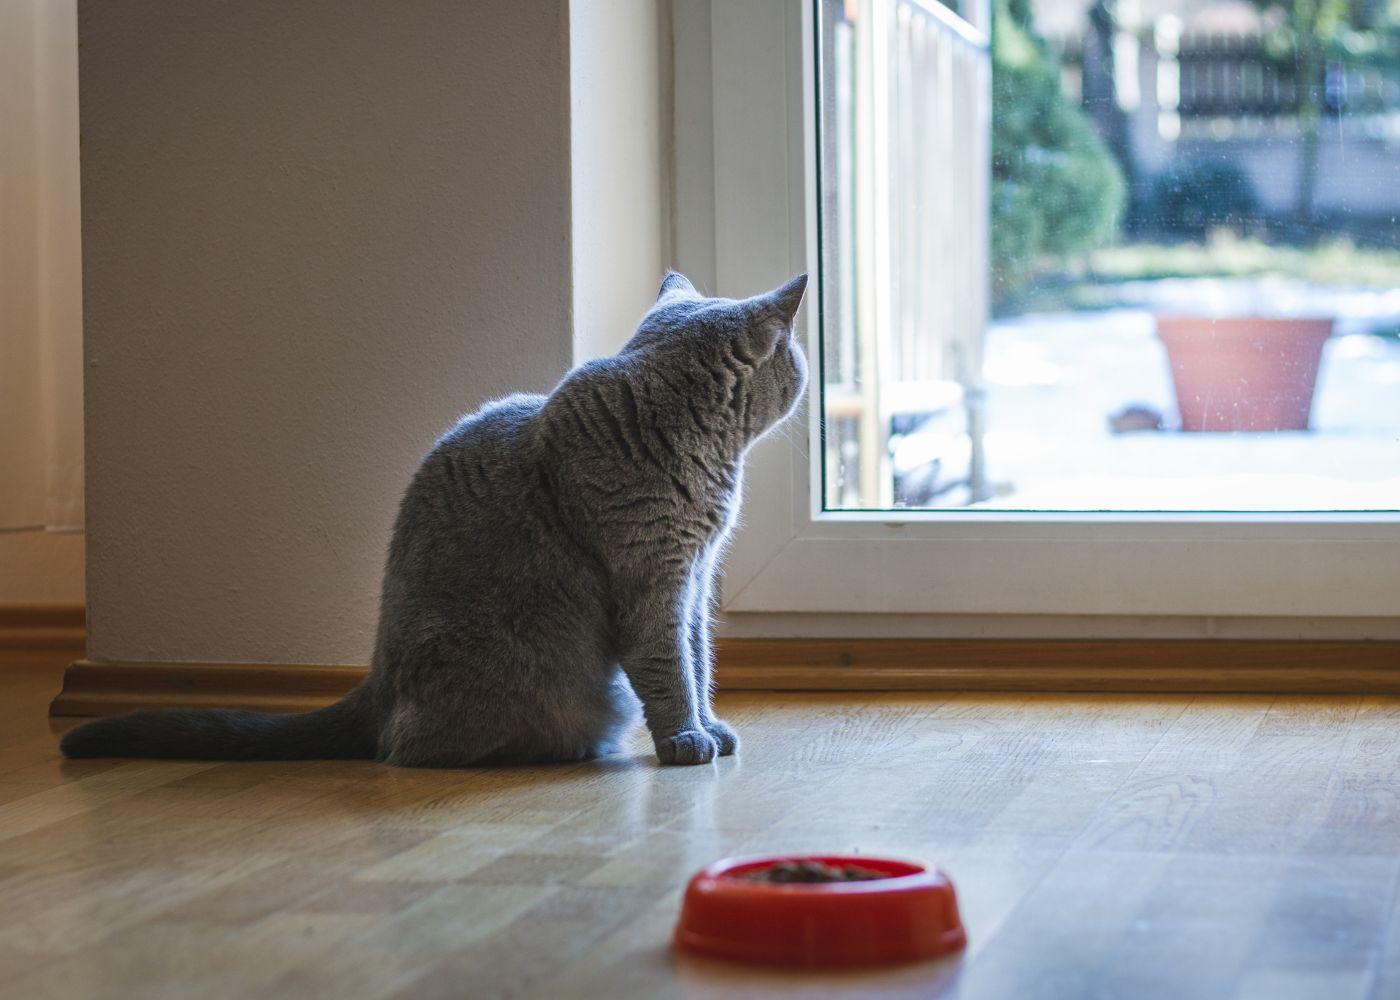 gato a olhar pela janela